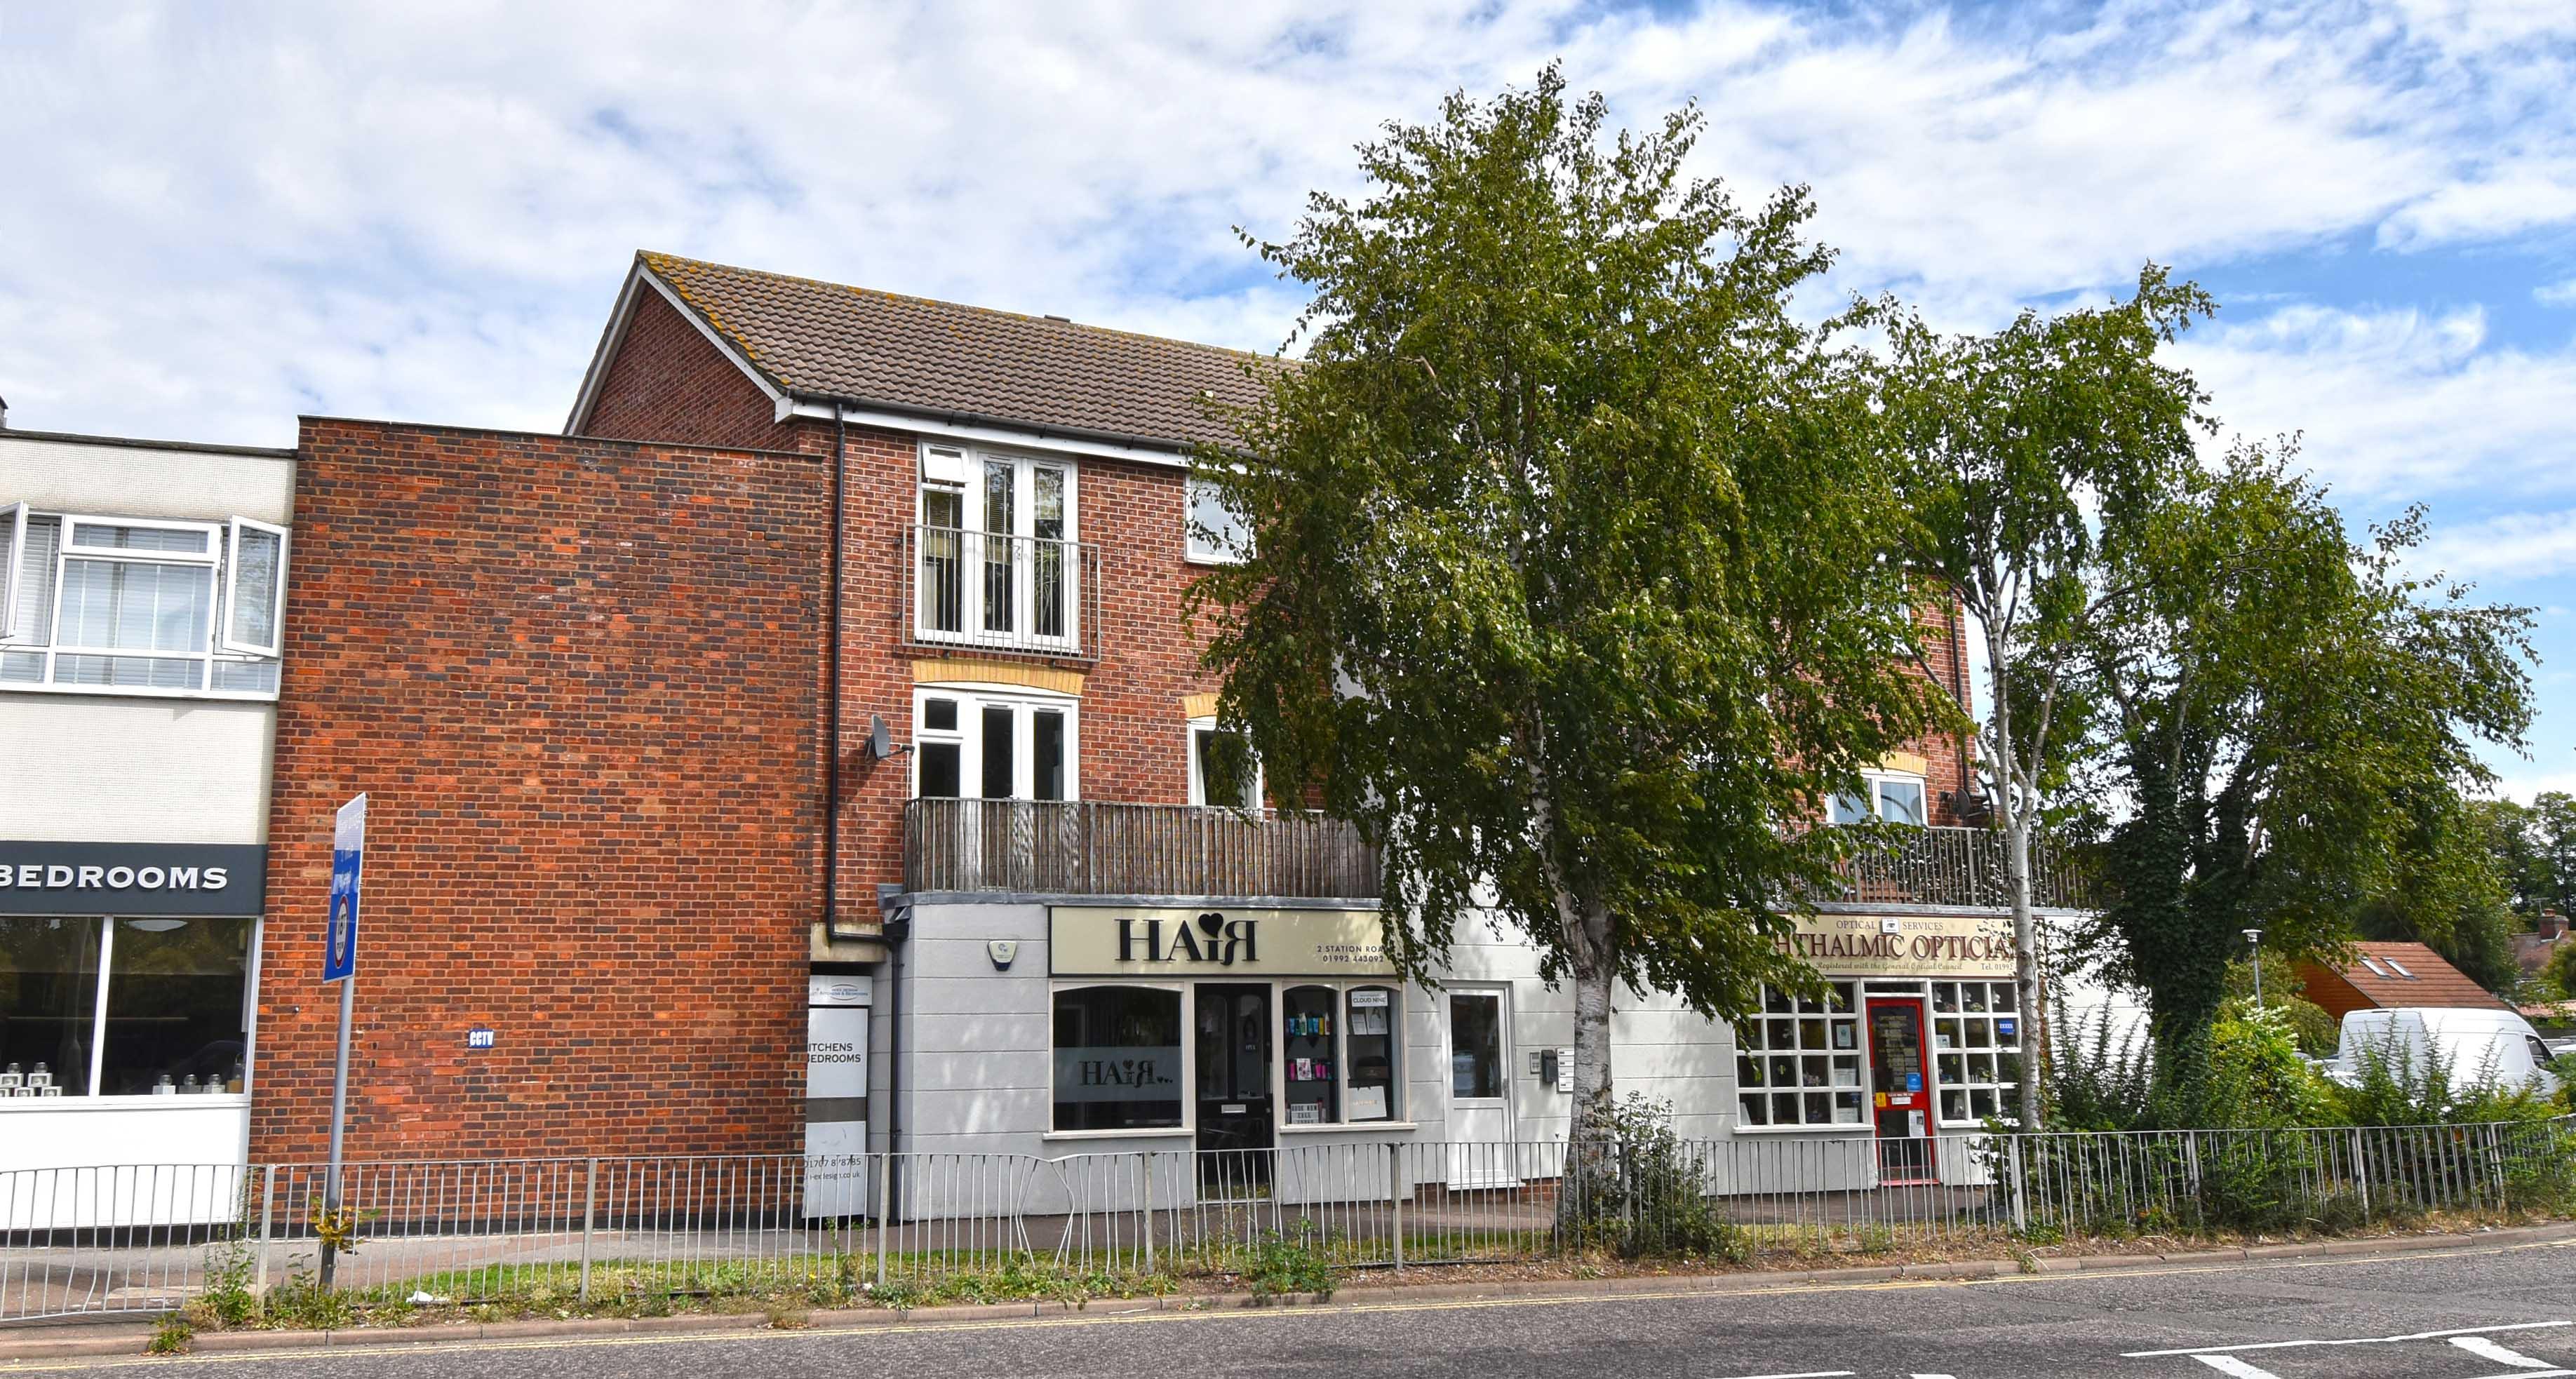 Station Road, Broxbourne, Hertfordshire, EN10 7QU